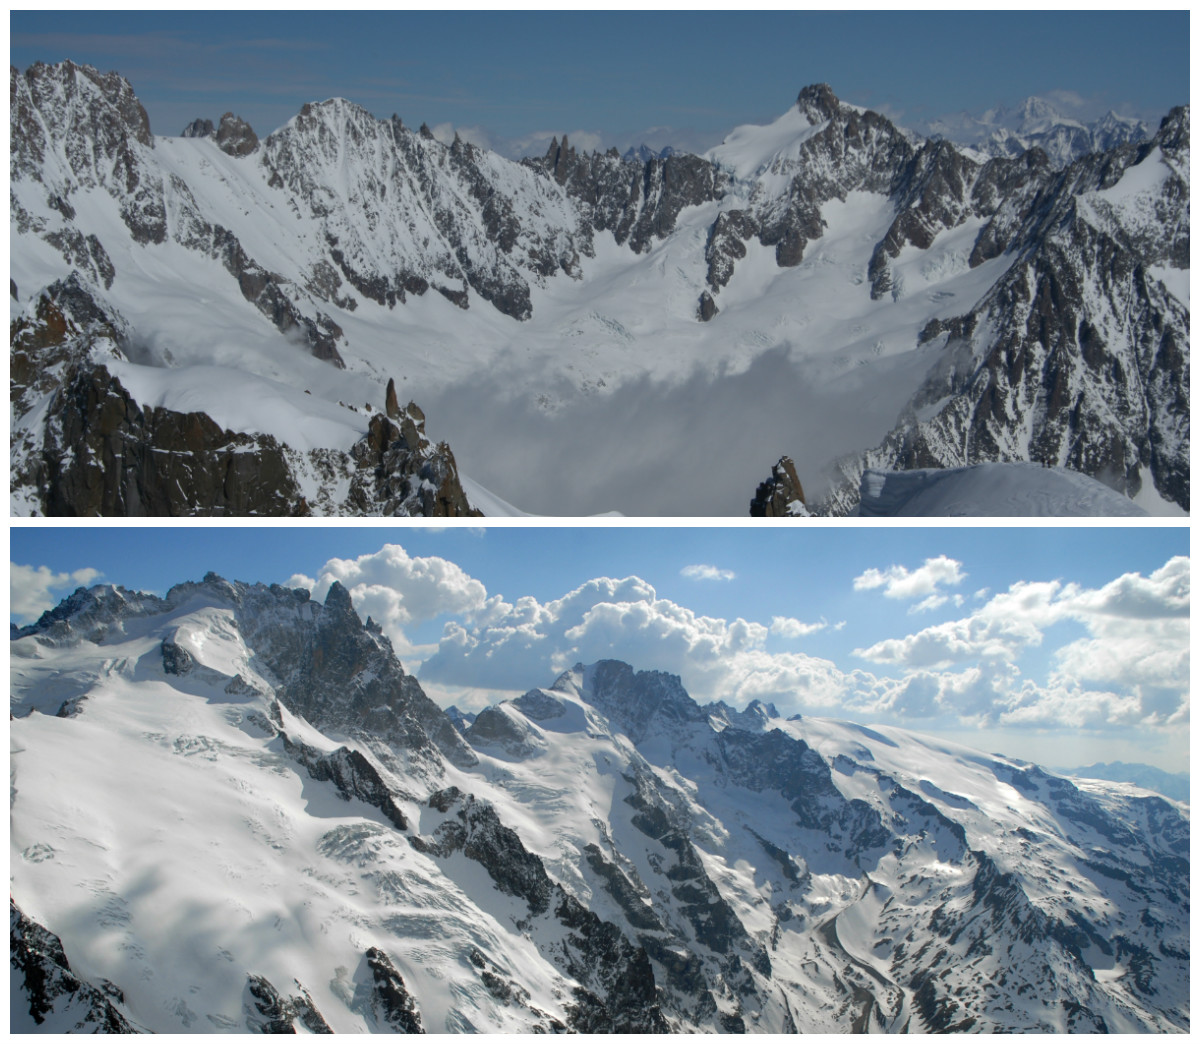 Chamonix au Sommet de l'Aiguille du Midi - © Armelle Solelhac (En haut) La Meije - © OT La Meije (En bas)